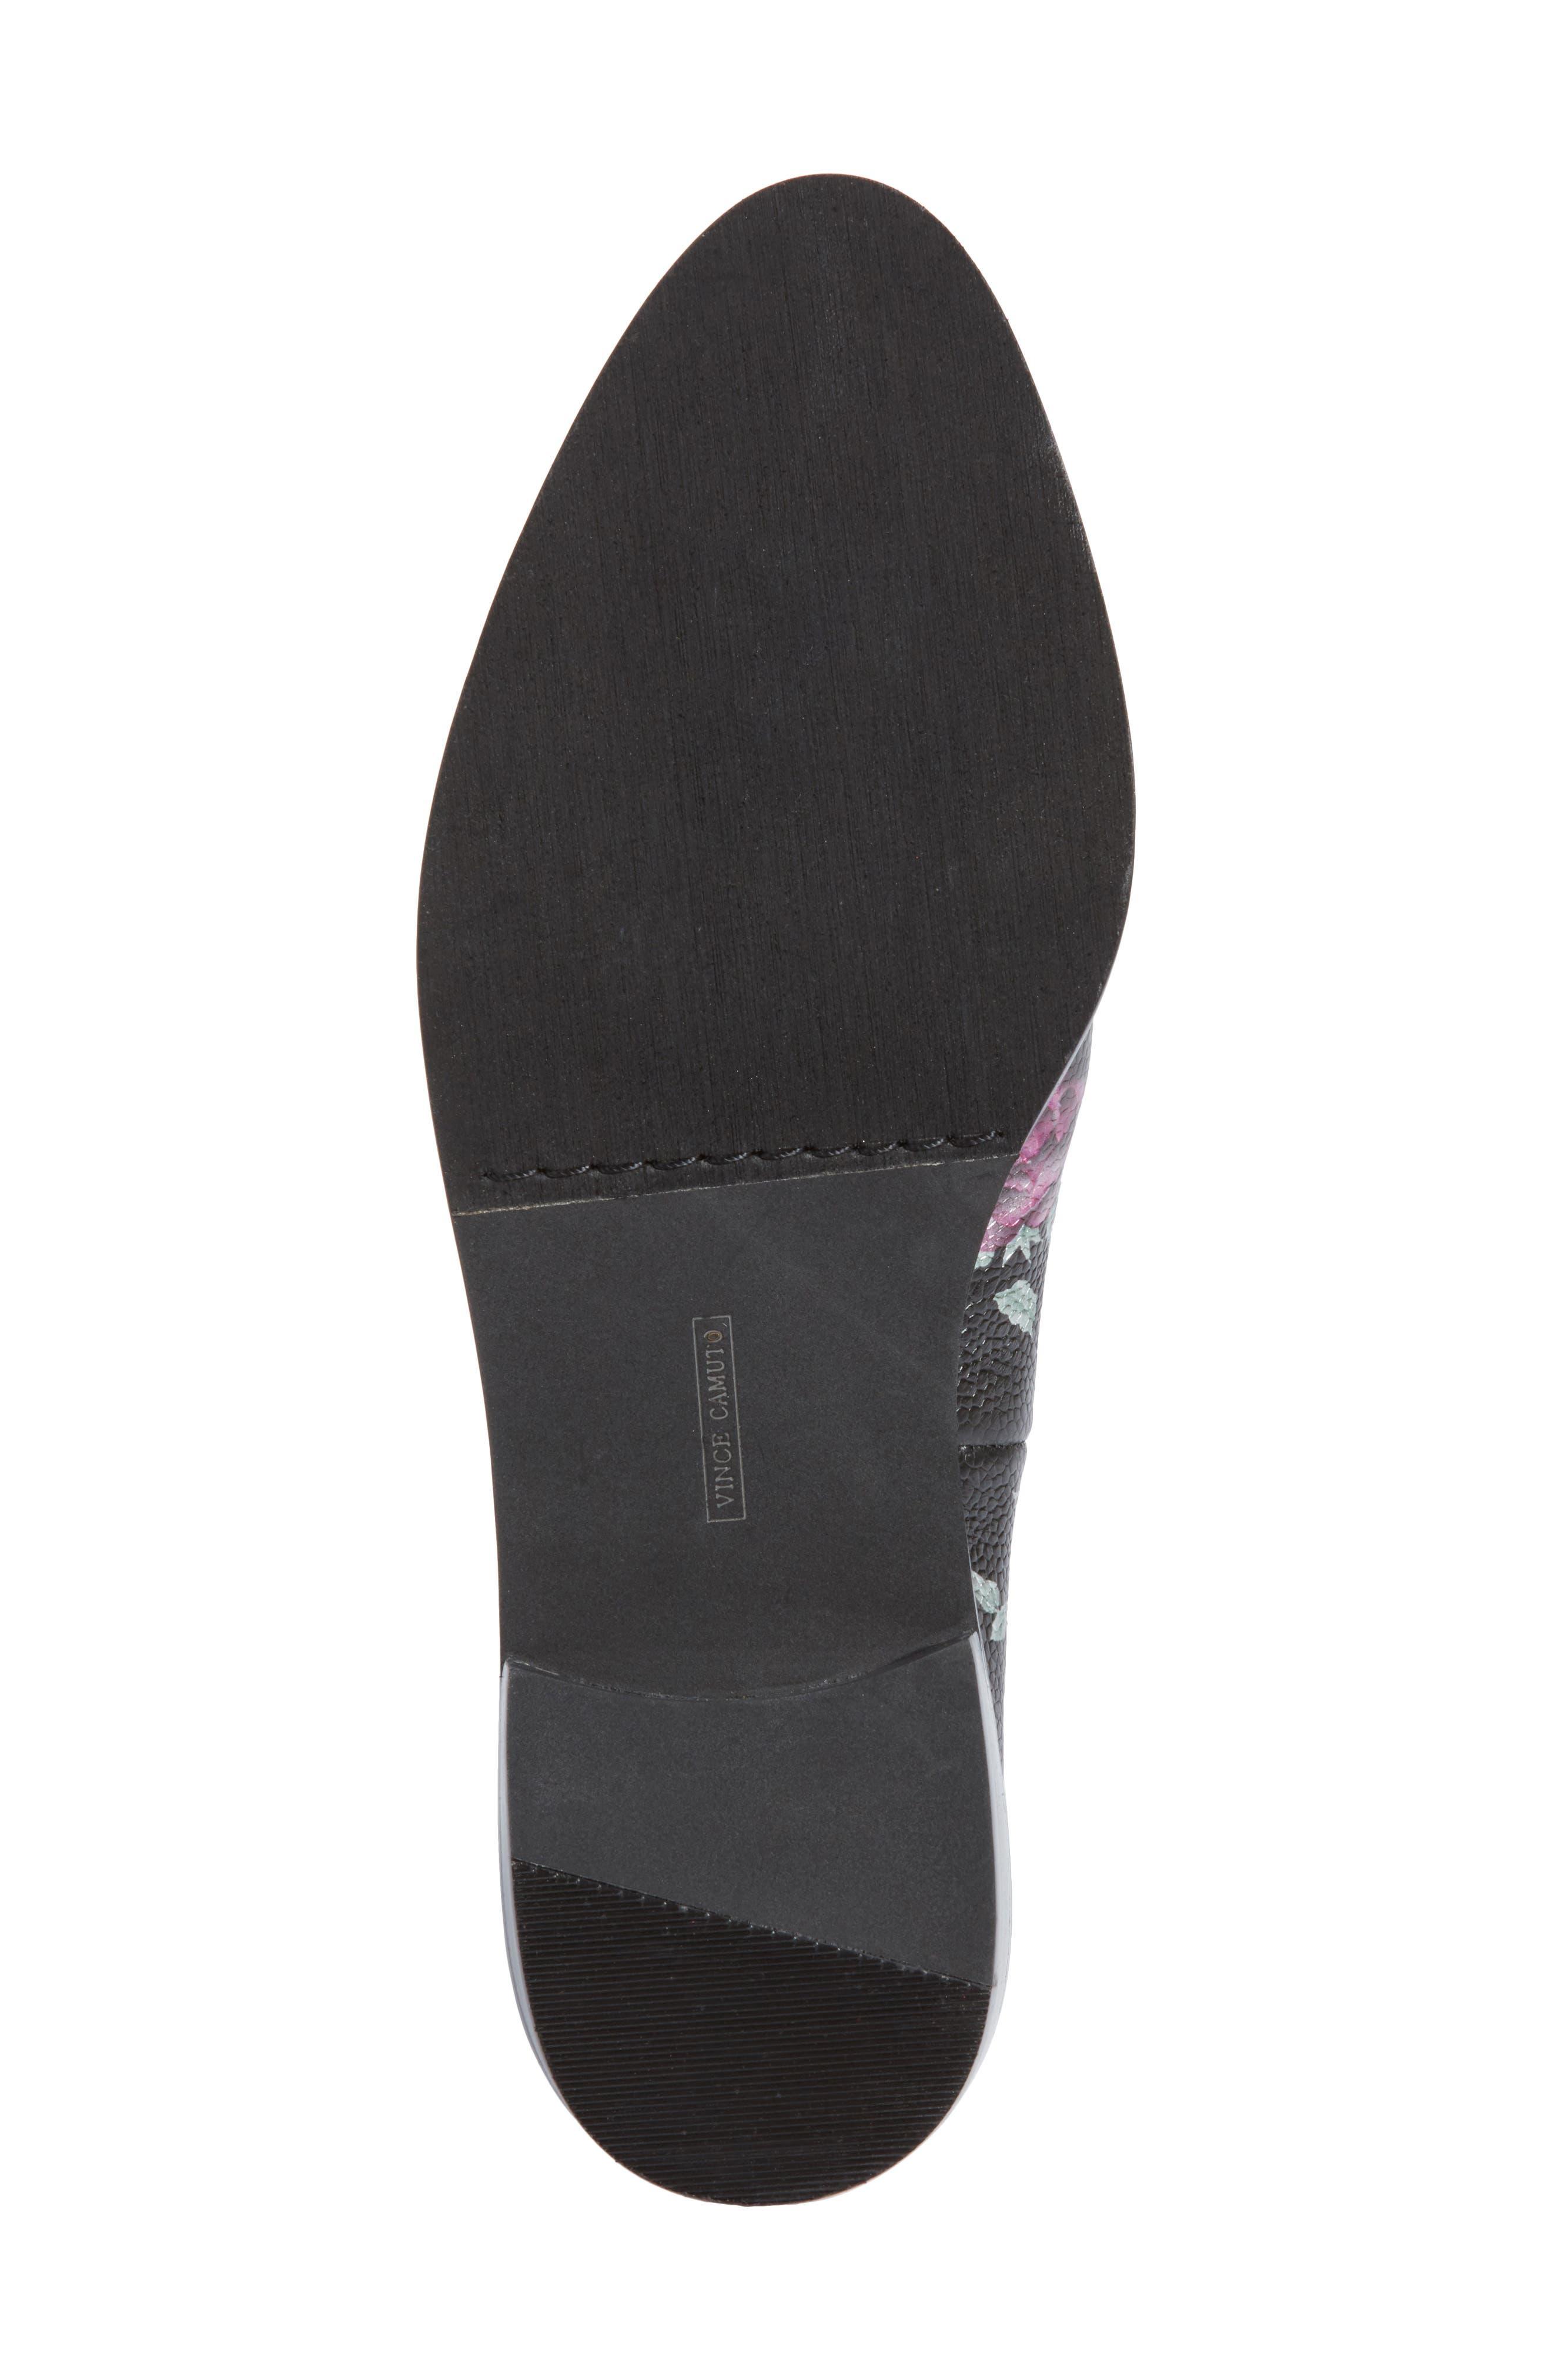 Geralin Tassel Loafer,                             Alternate thumbnail 6, color,                             Black Floral Print Leather